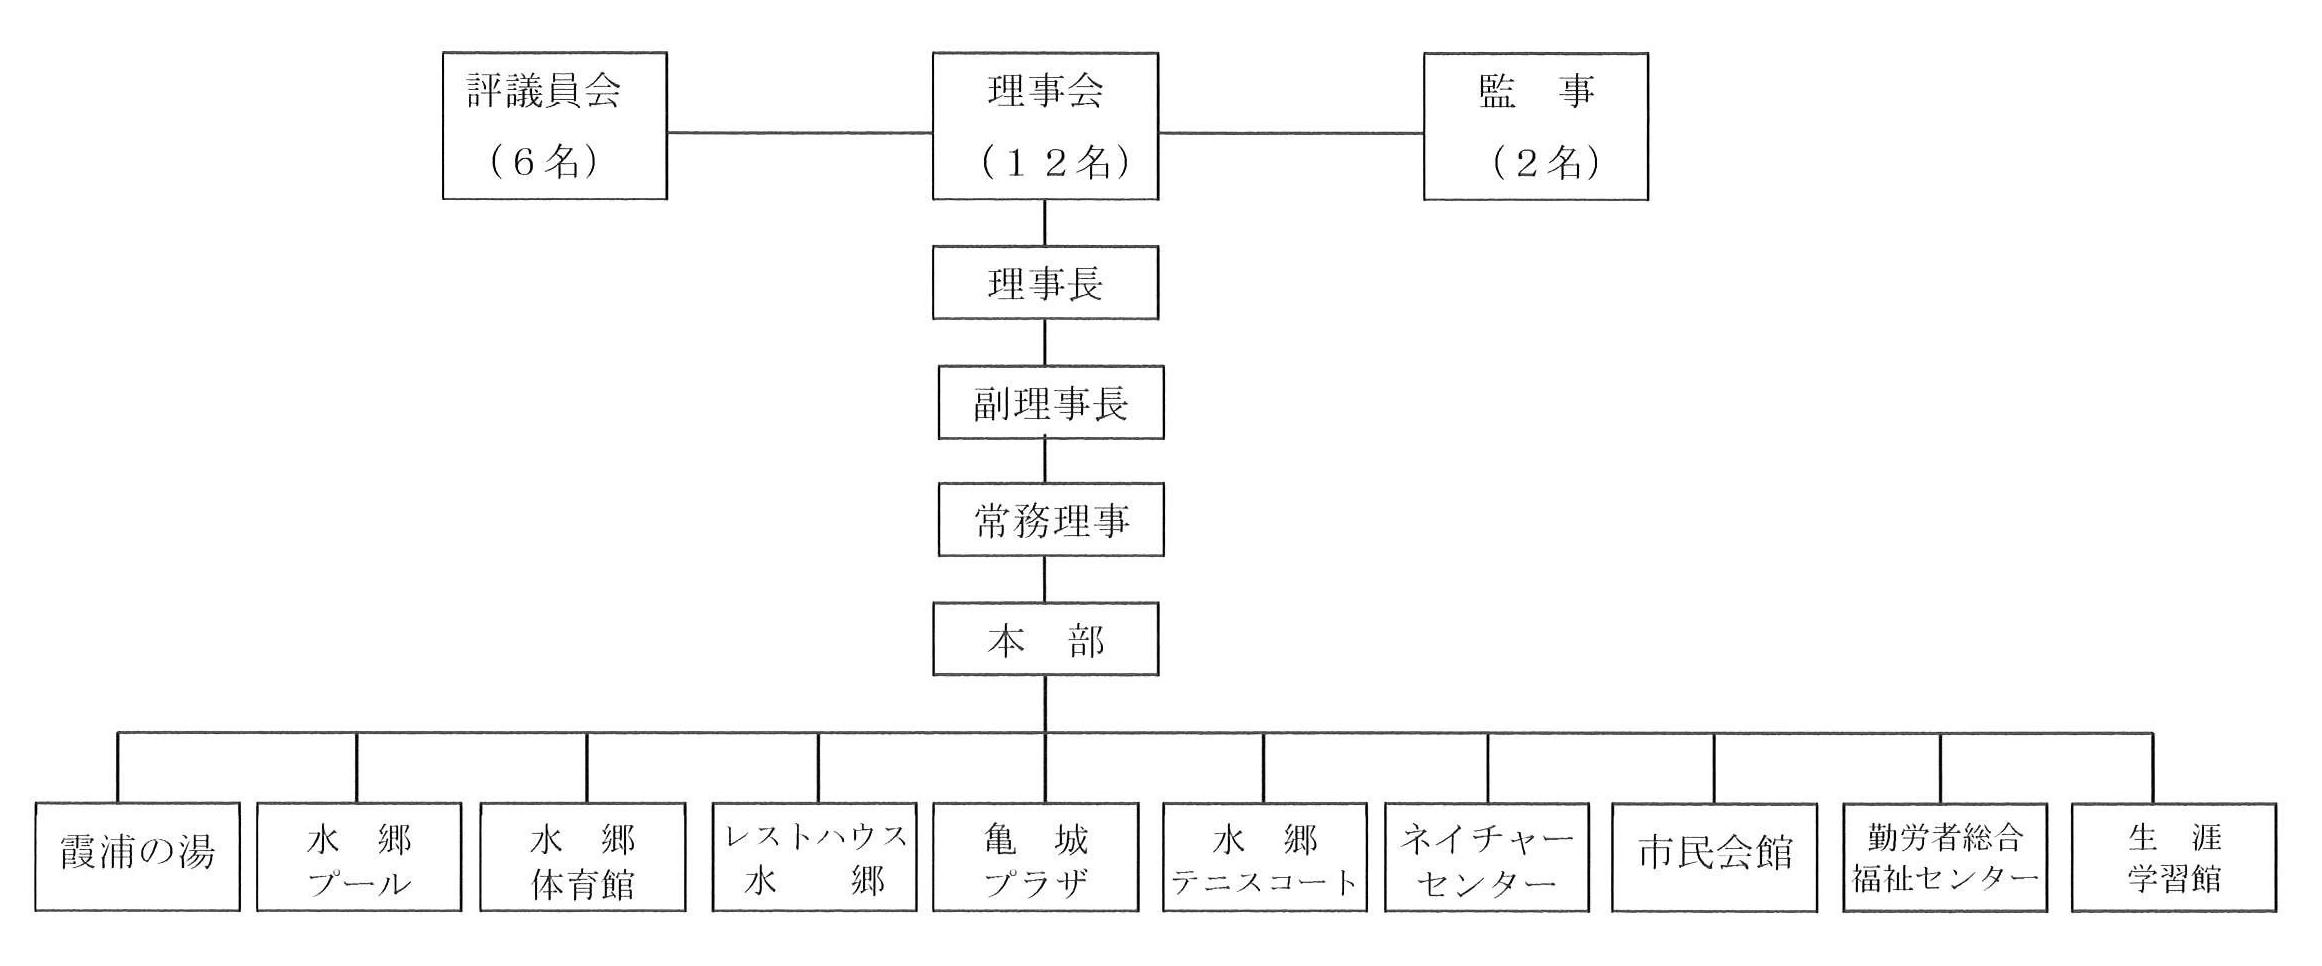 組織図(ページ内)